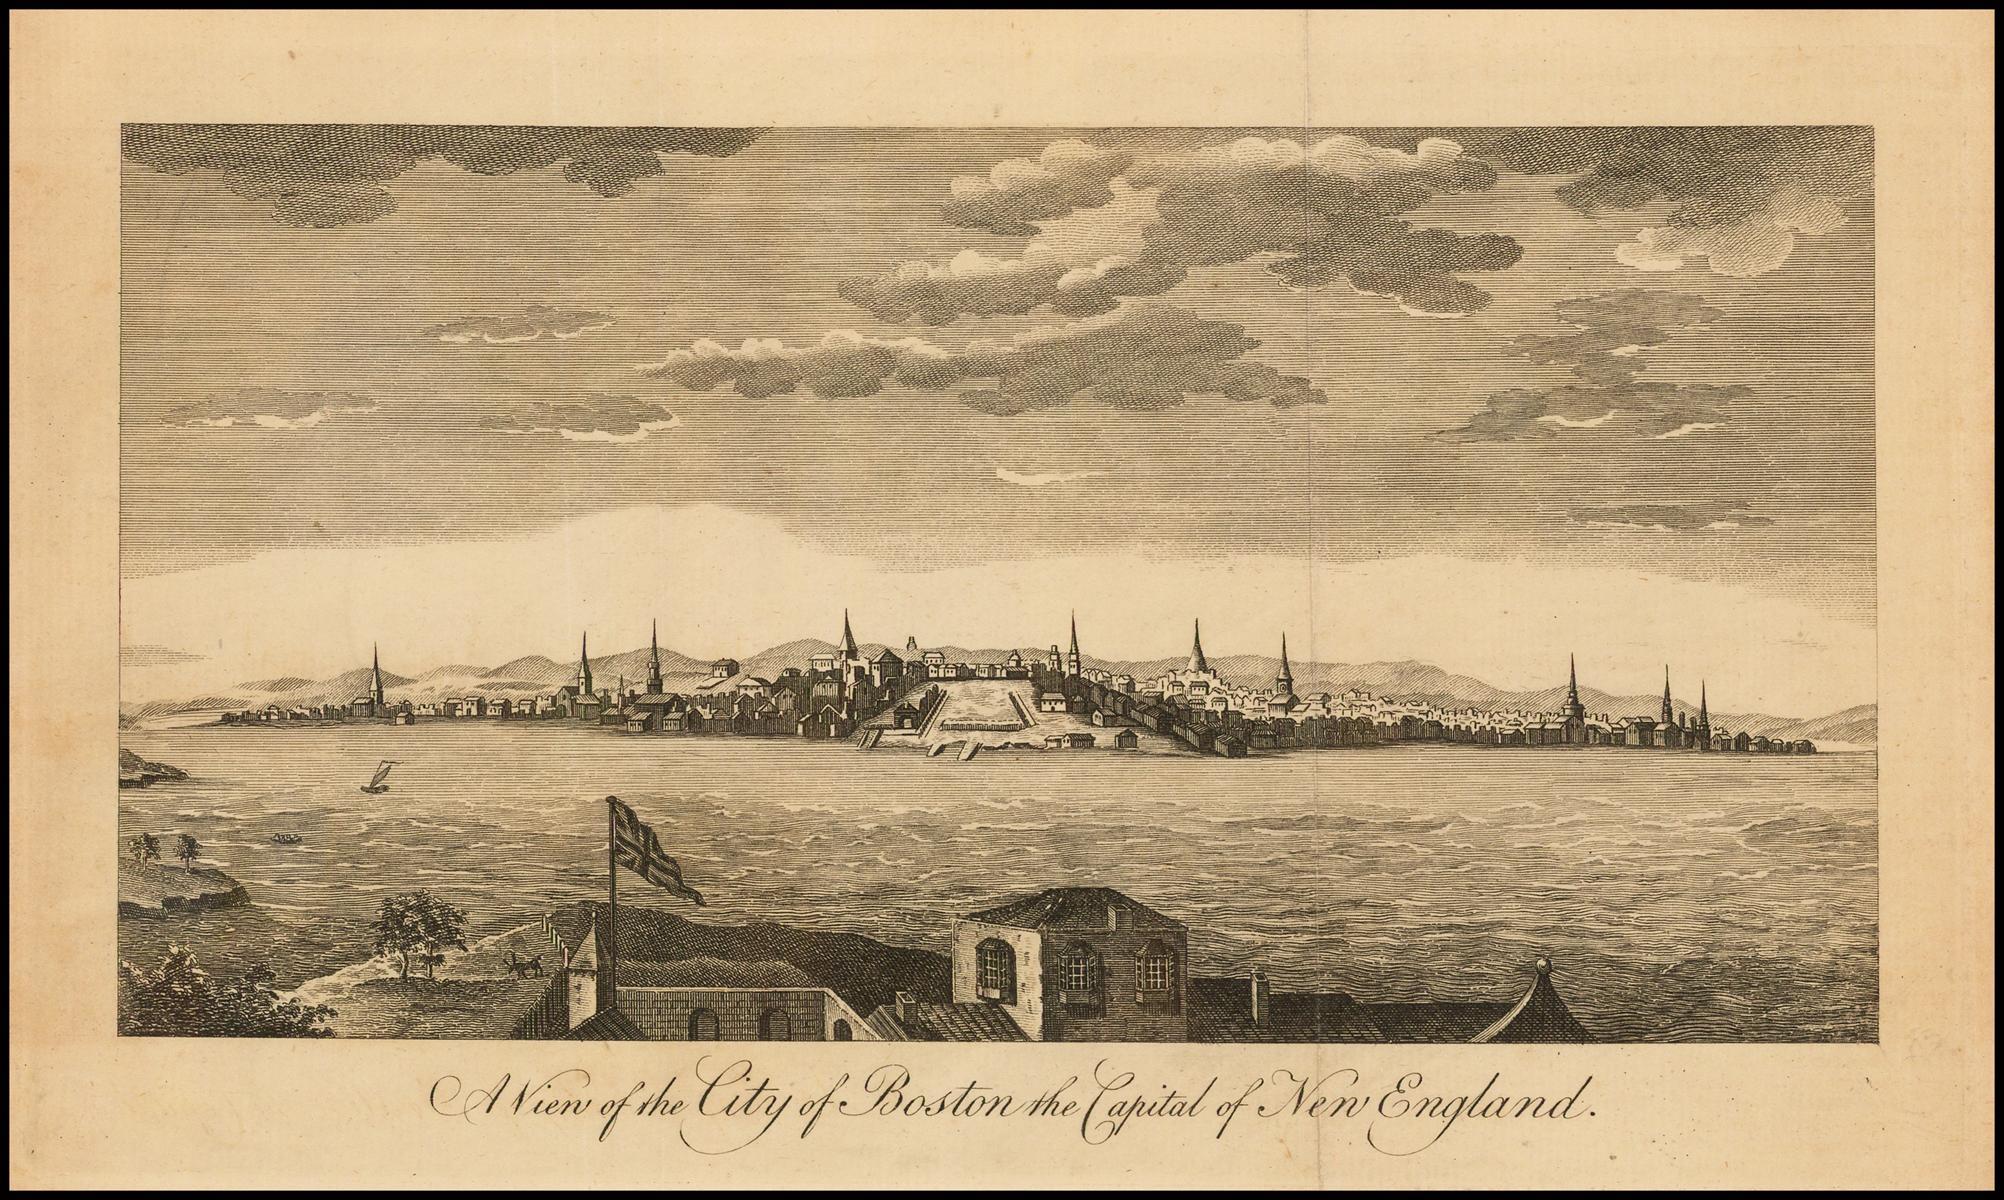 Вид на город Бостон столицу Новой Англии во время первых выстрелов Американской революции